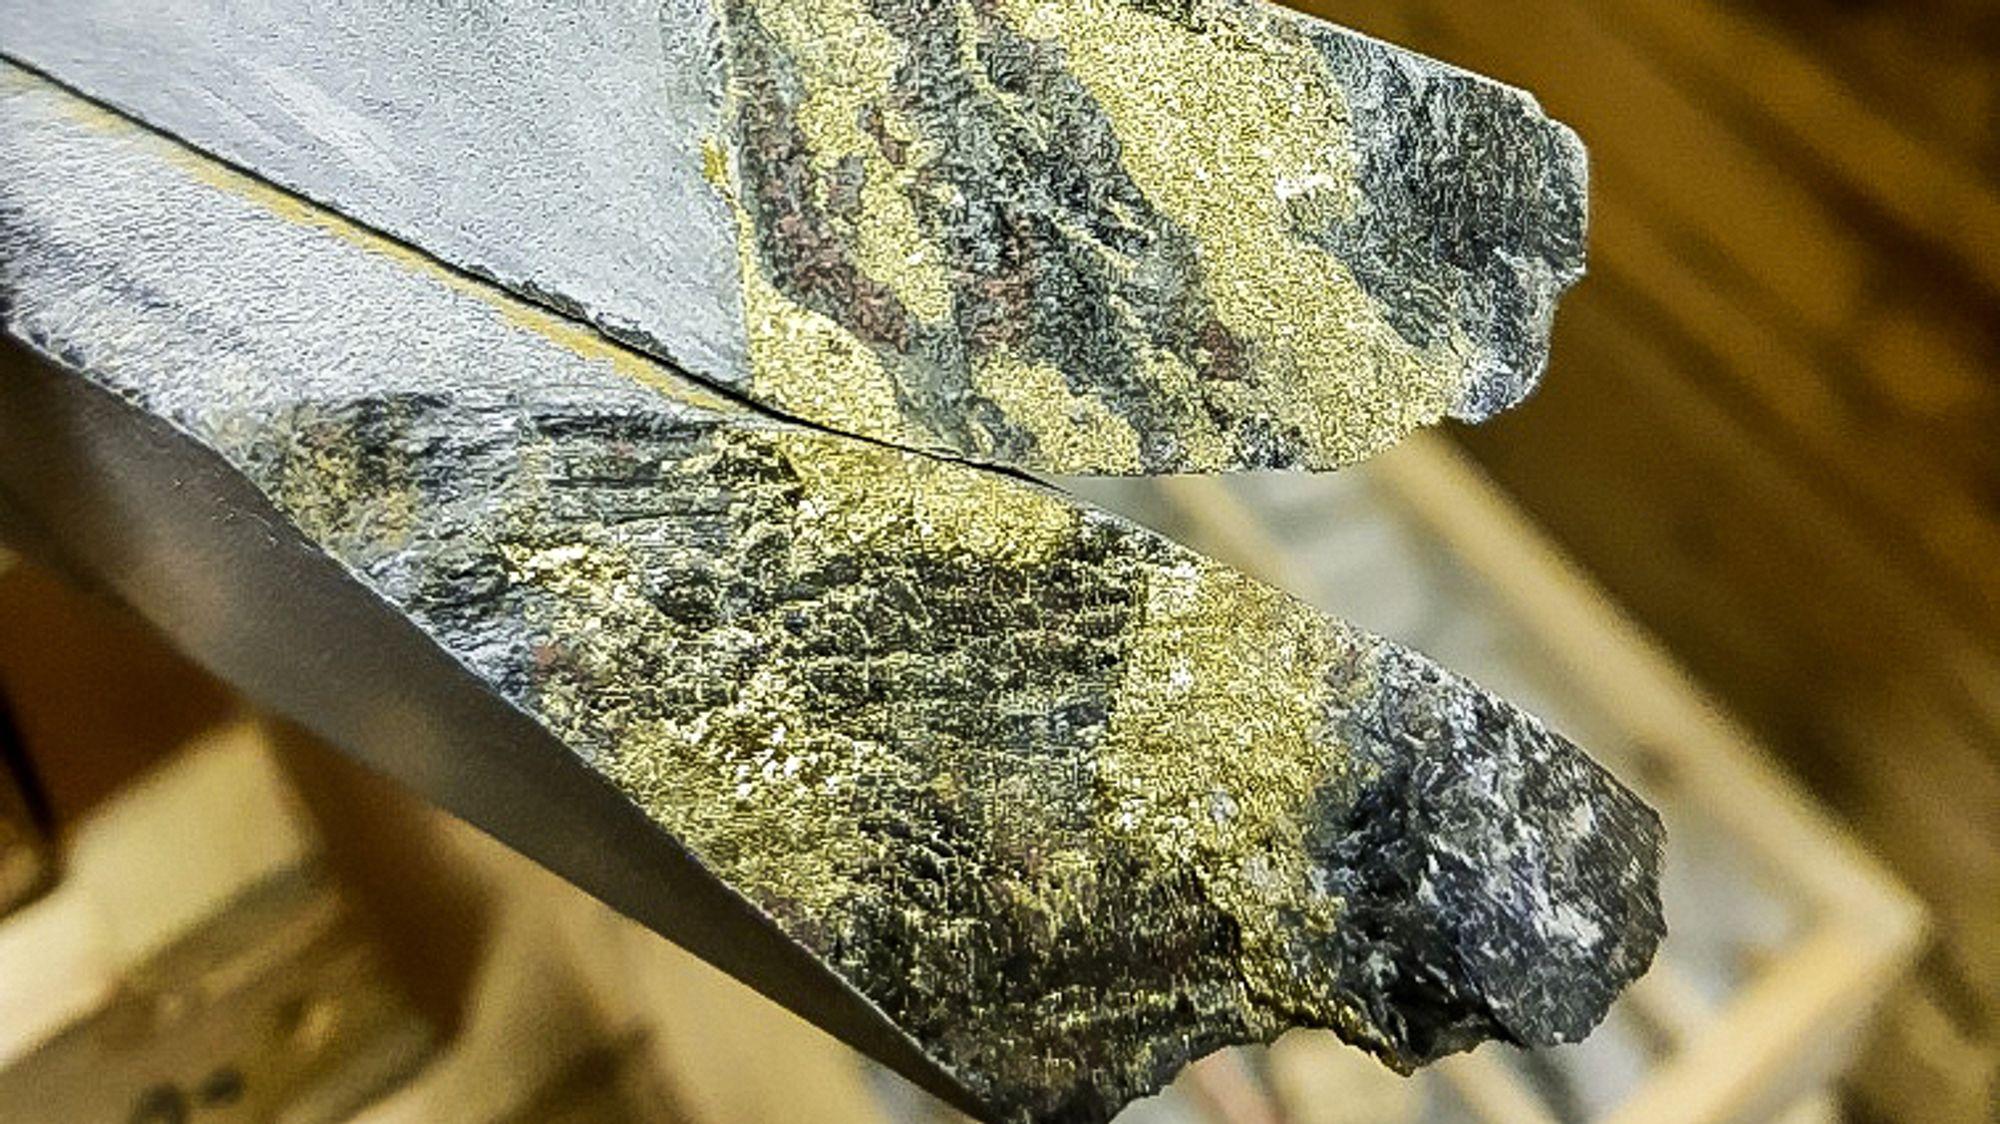 Overraskelse: Den utvidede malmressursen i Nussir som nærmest ble funnet ved en tilfeldighet har vist seg å være av uvanlig høy verdi med 10 prosent kobber i tillegg til palladium og platina.